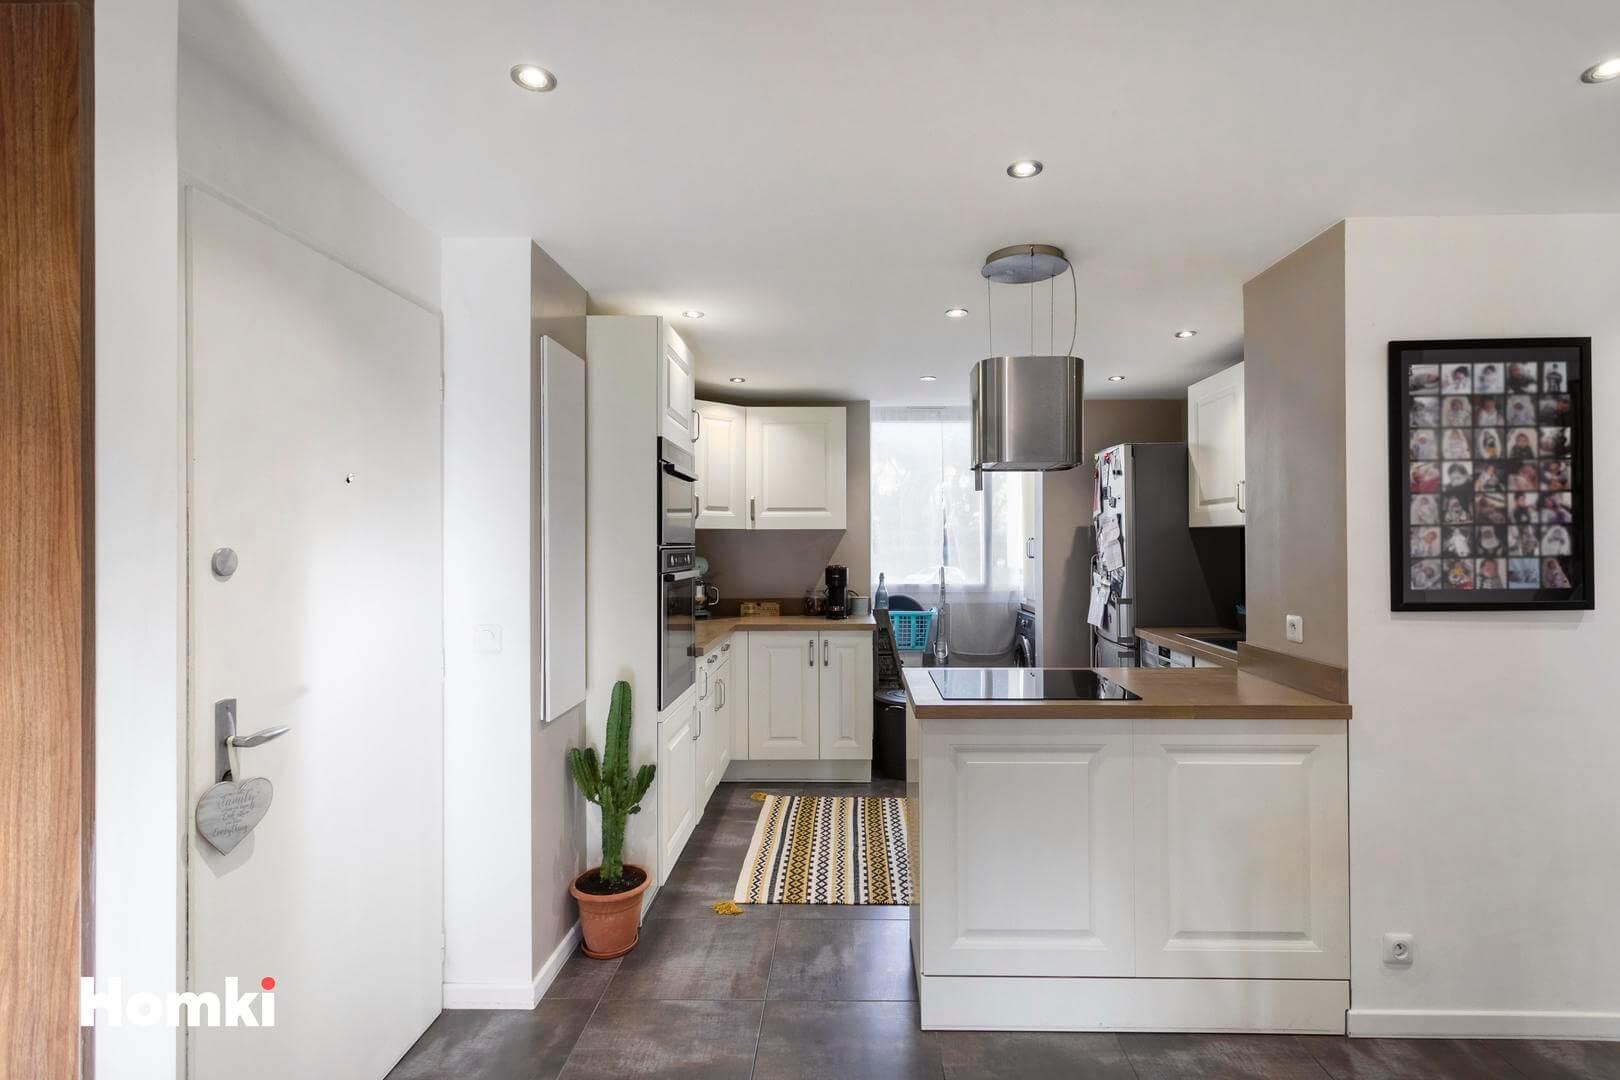 Homki - Vente Appartement  de 56.0 m² à Nice 06200